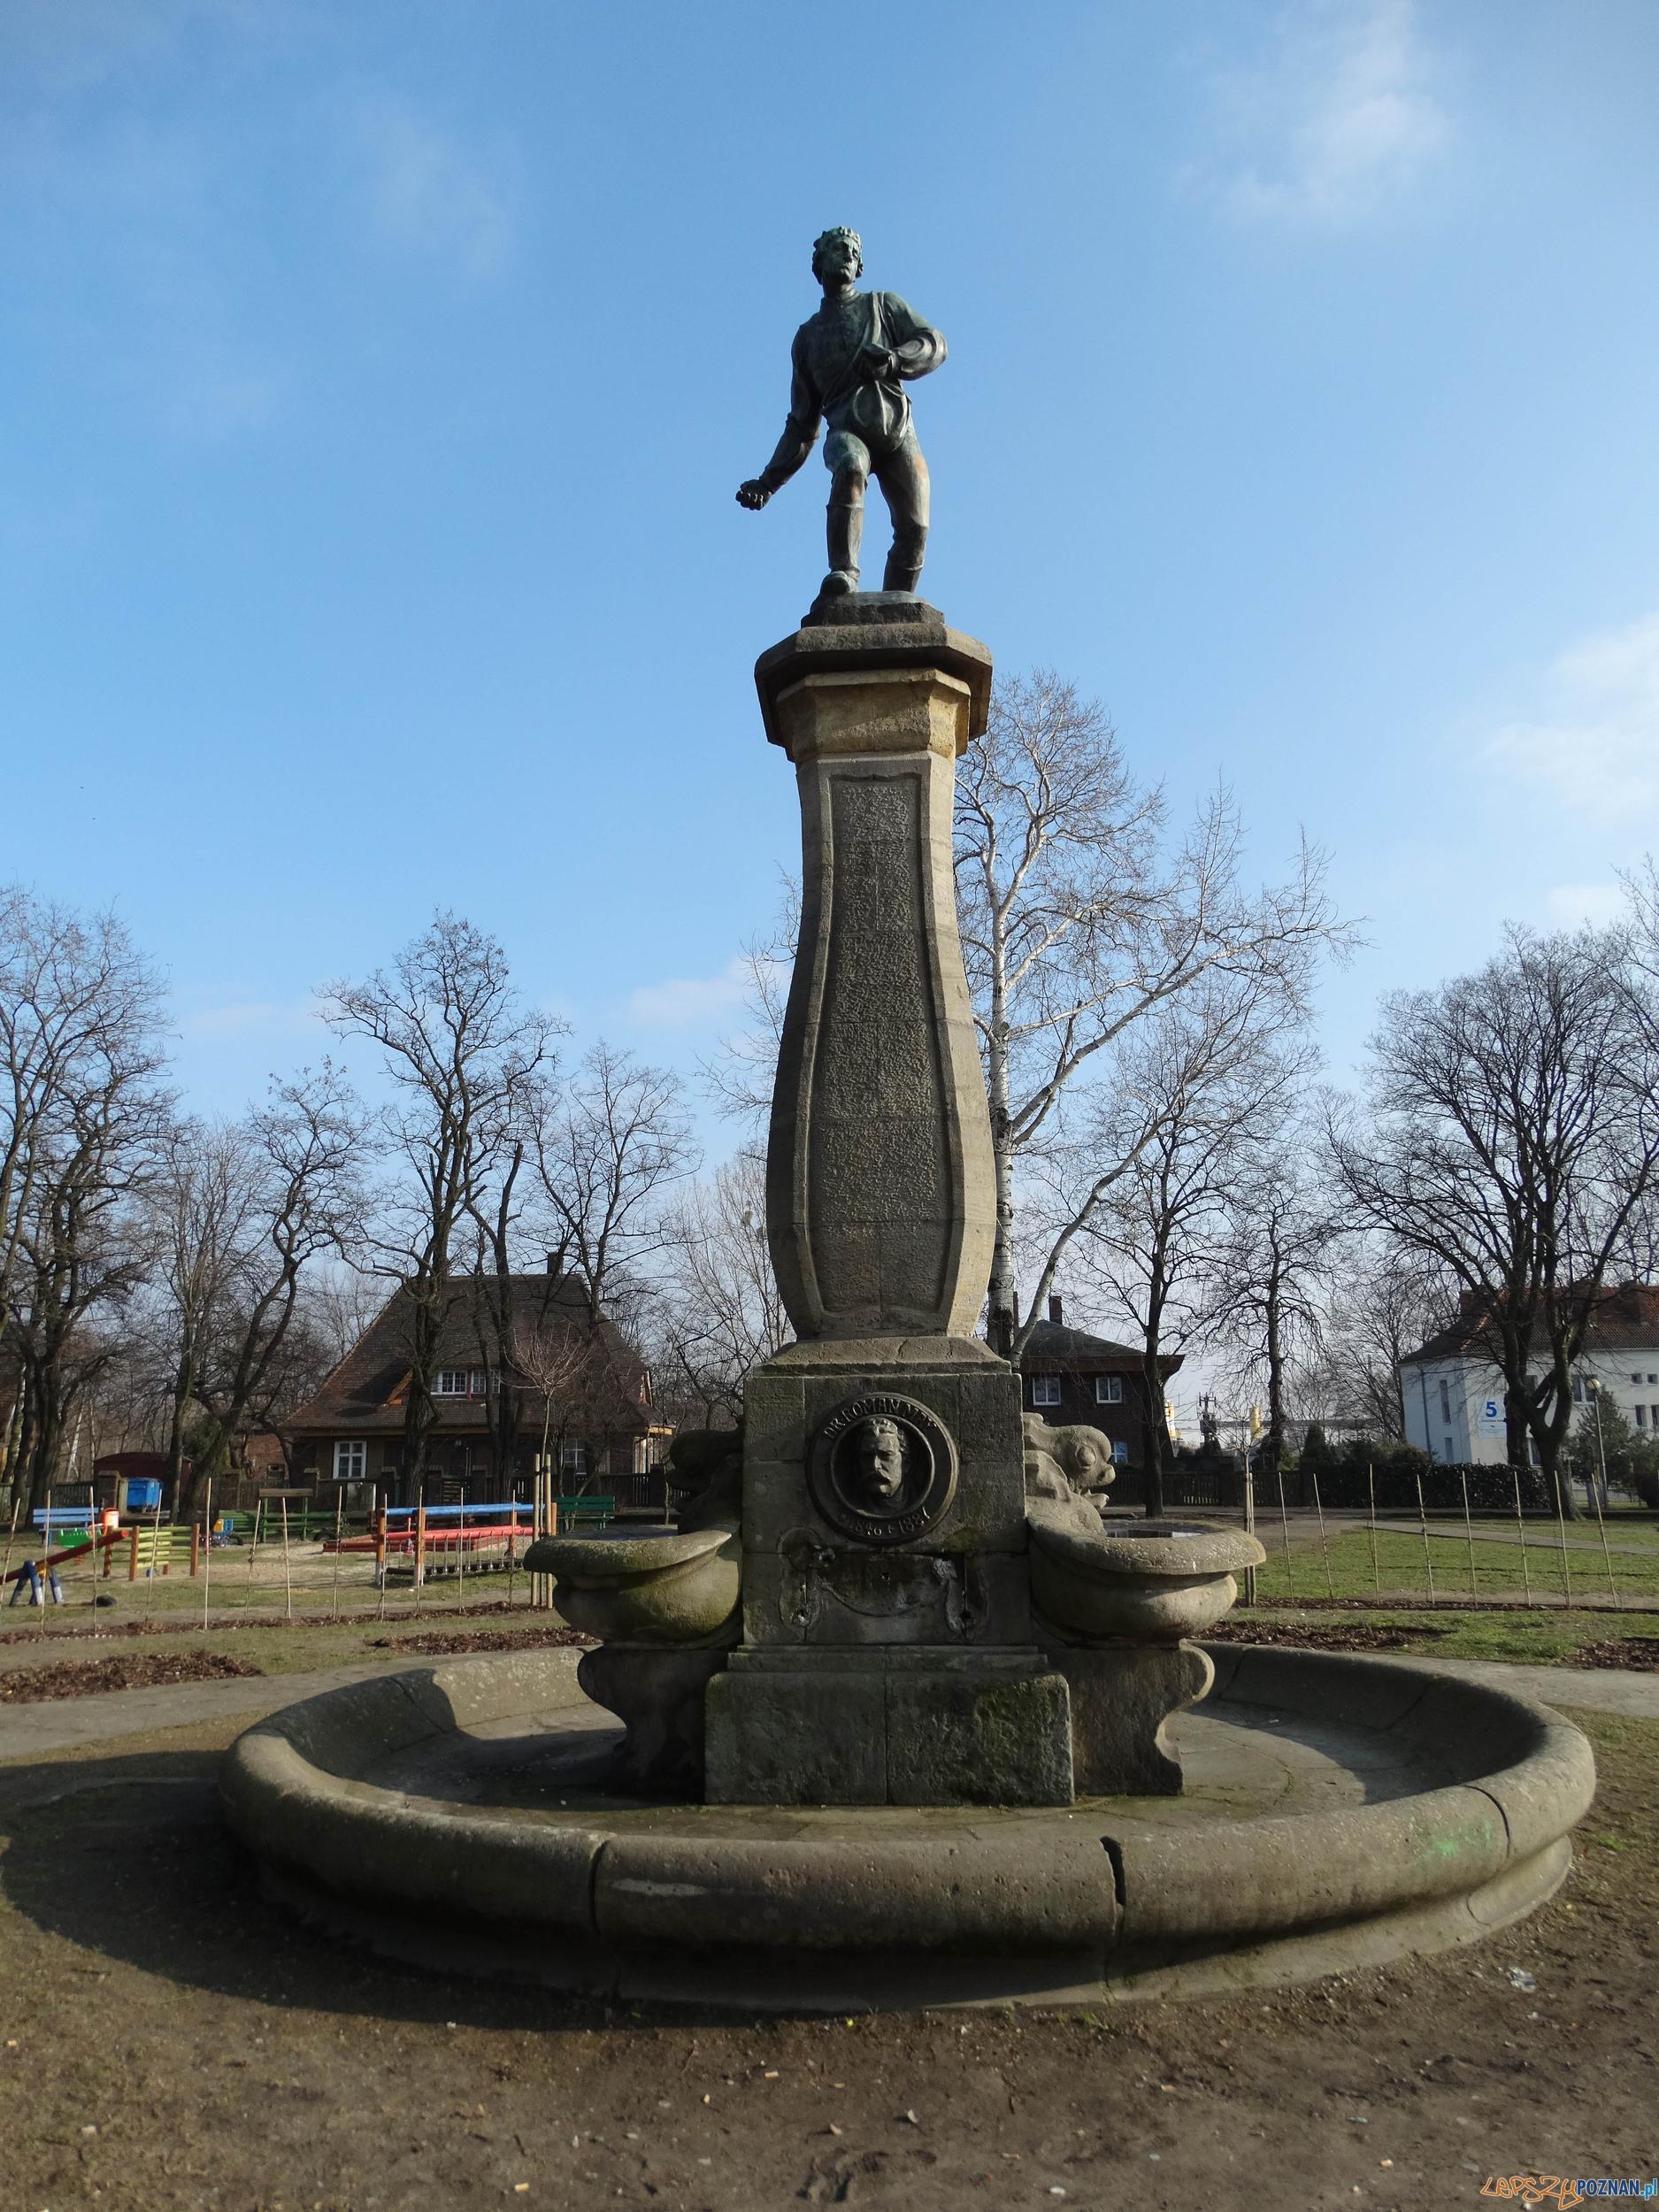 Pomnik Siewcy  Foto: Jakub Pindych